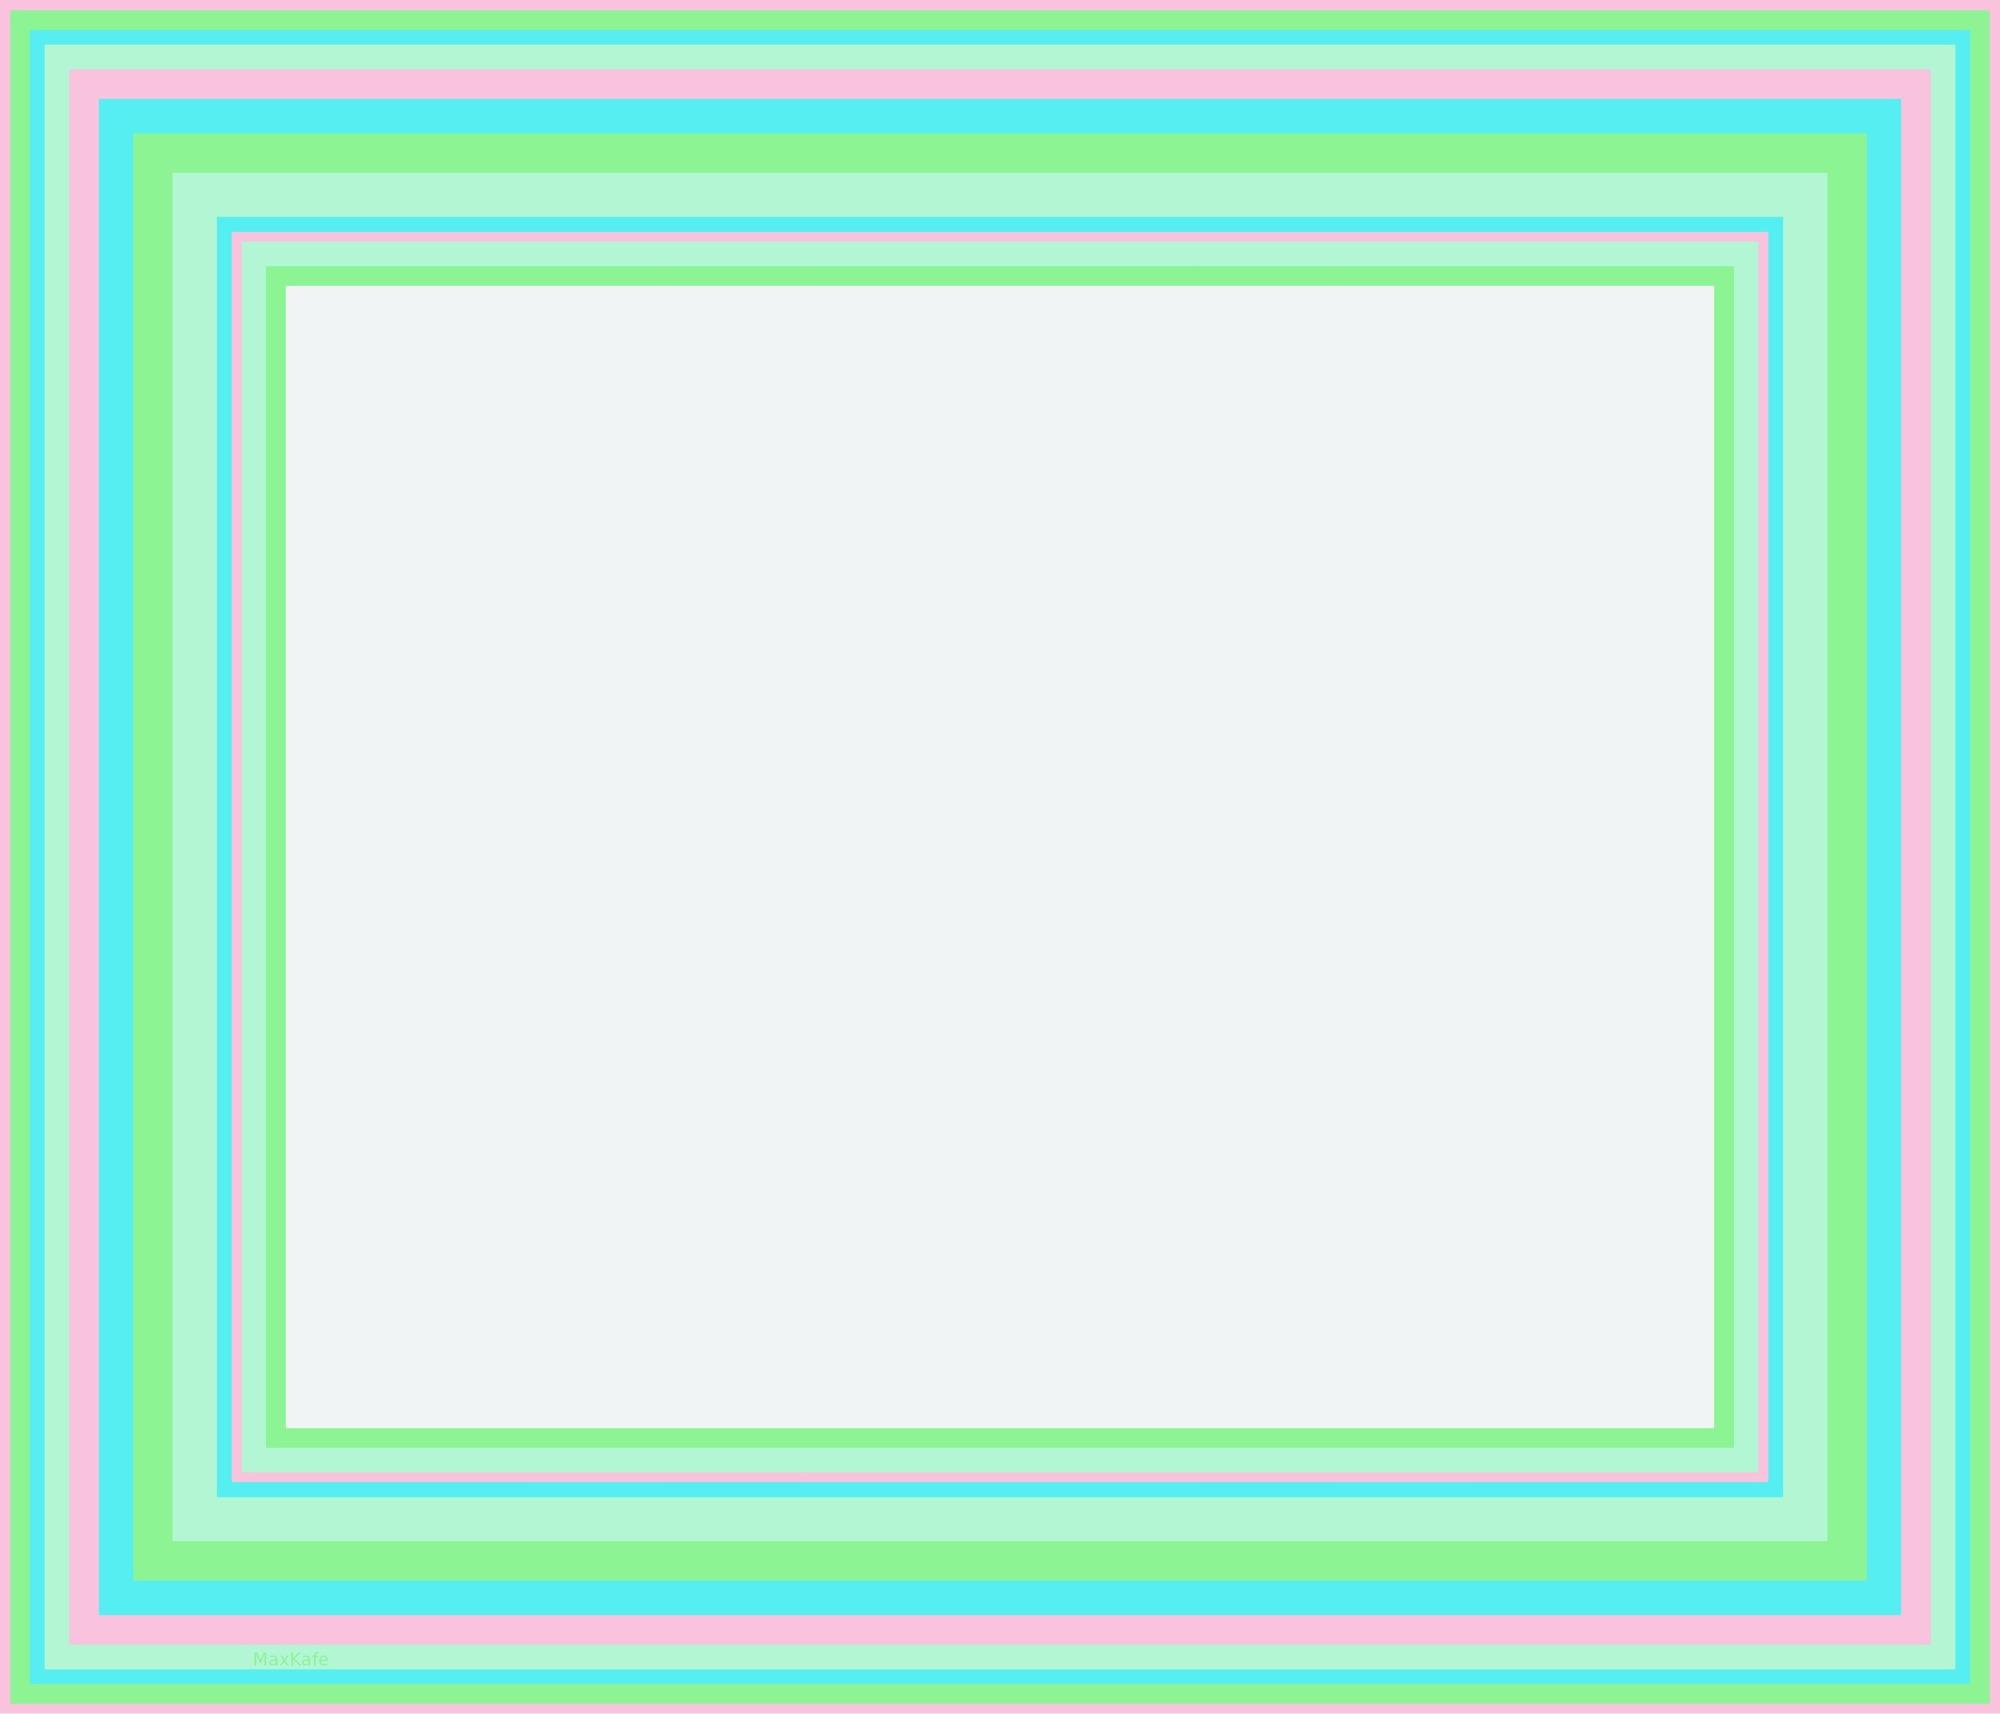 """MK16LFS119 Frame 6x7 Green Turquoise Pink <a href=""""https://dl.orangedox.com/31lH5z"""">[DOWNLOAD]</a>"""